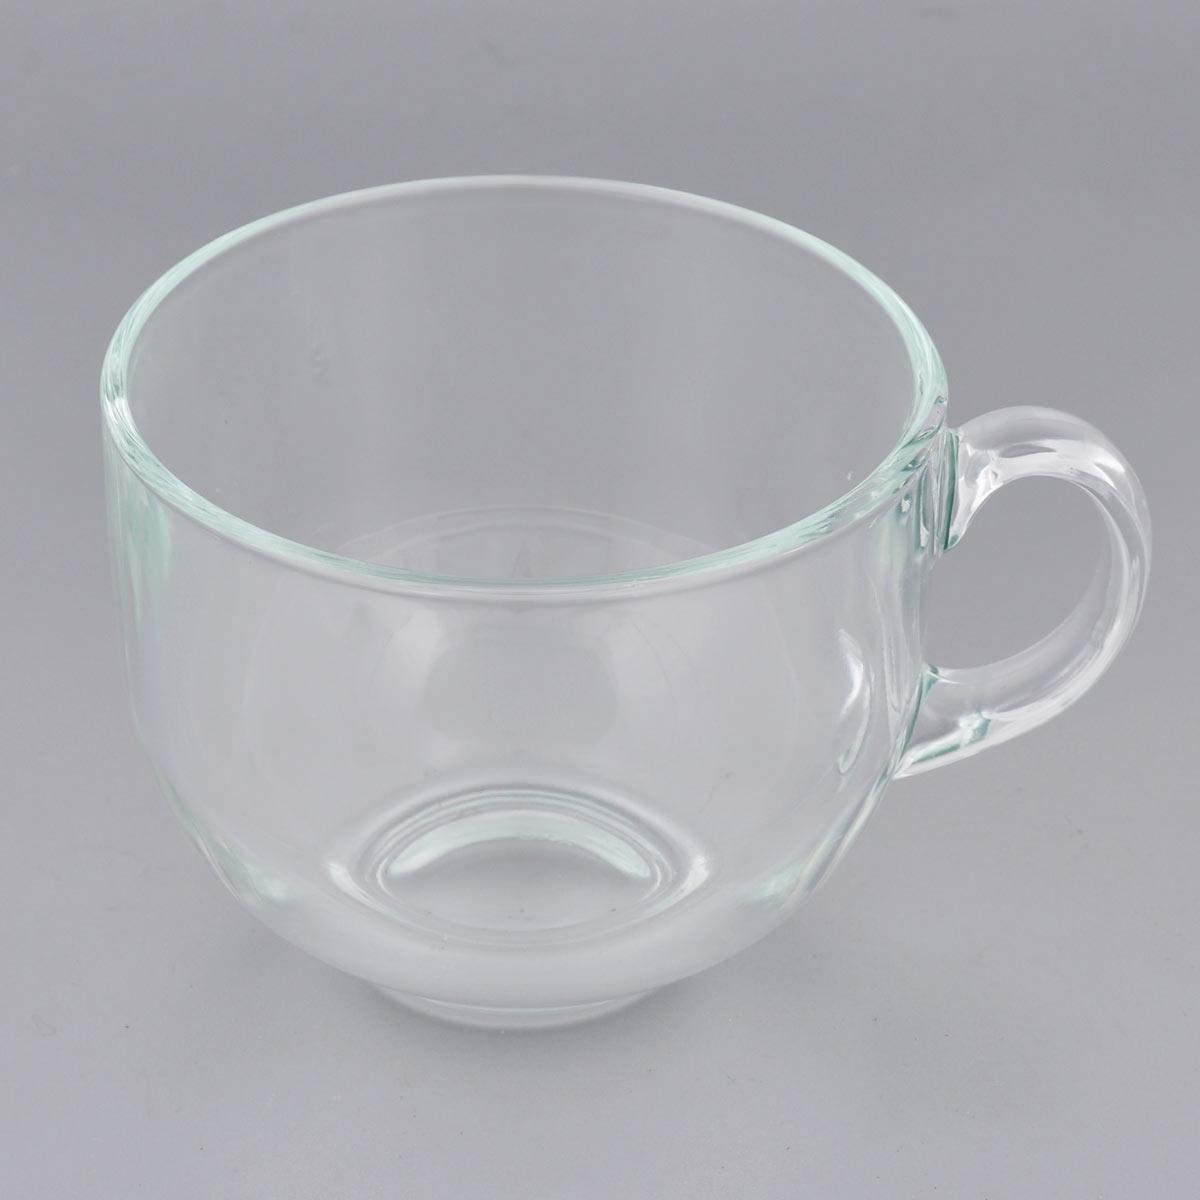 Кружка Luminarc Джамбо, цвет: прозрачный, 500 мл115510Кружка Luminarc Джамбо изготовлена из упрочнённого стекла. Такая кружка прекрасно подойдет для горячих и холодных напитков. Она дополнит коллекцию вашей кухонной посуды и будет служить долгие годы. Можно использовать в посудомоечной машине и СВЧ. Объем кружки: 500 мл. Диаметр кружки (по верхнему краю): 10,5 см. Высота стенки кружки: 8,5 см.